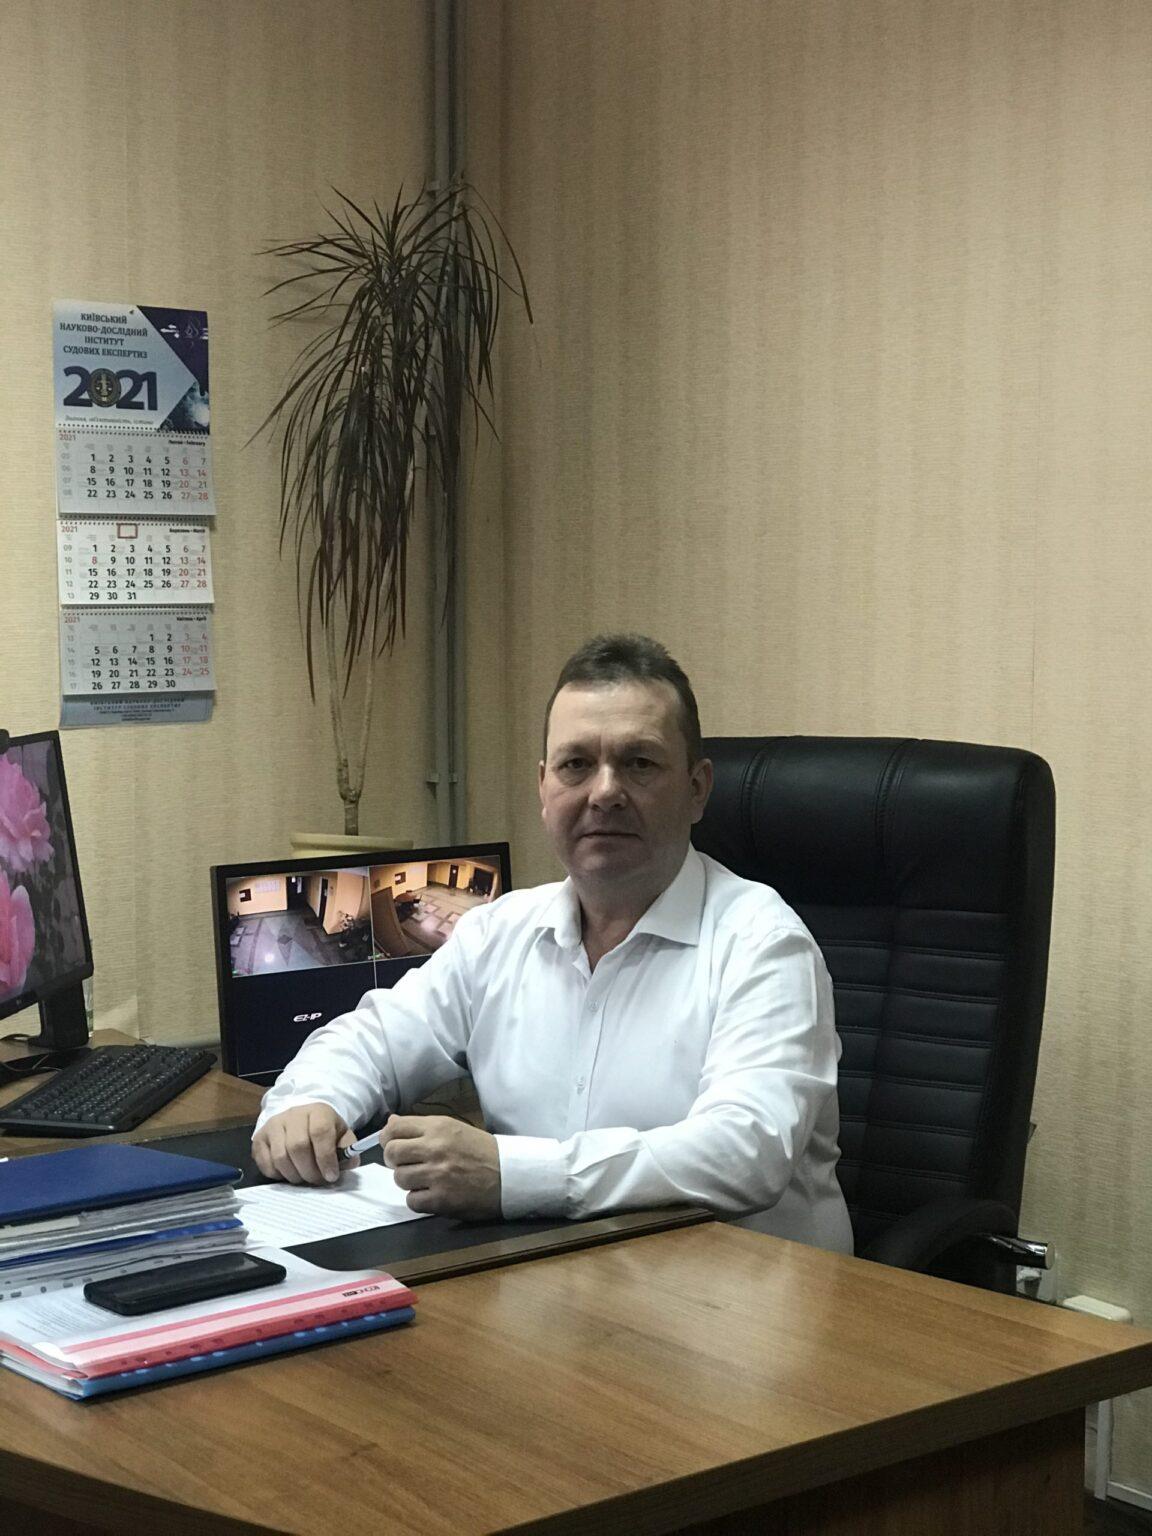 Завідувач відділенням:Поплавський Анатолій Петрович, завідувач Хмельницького відділення КНДІСЕ